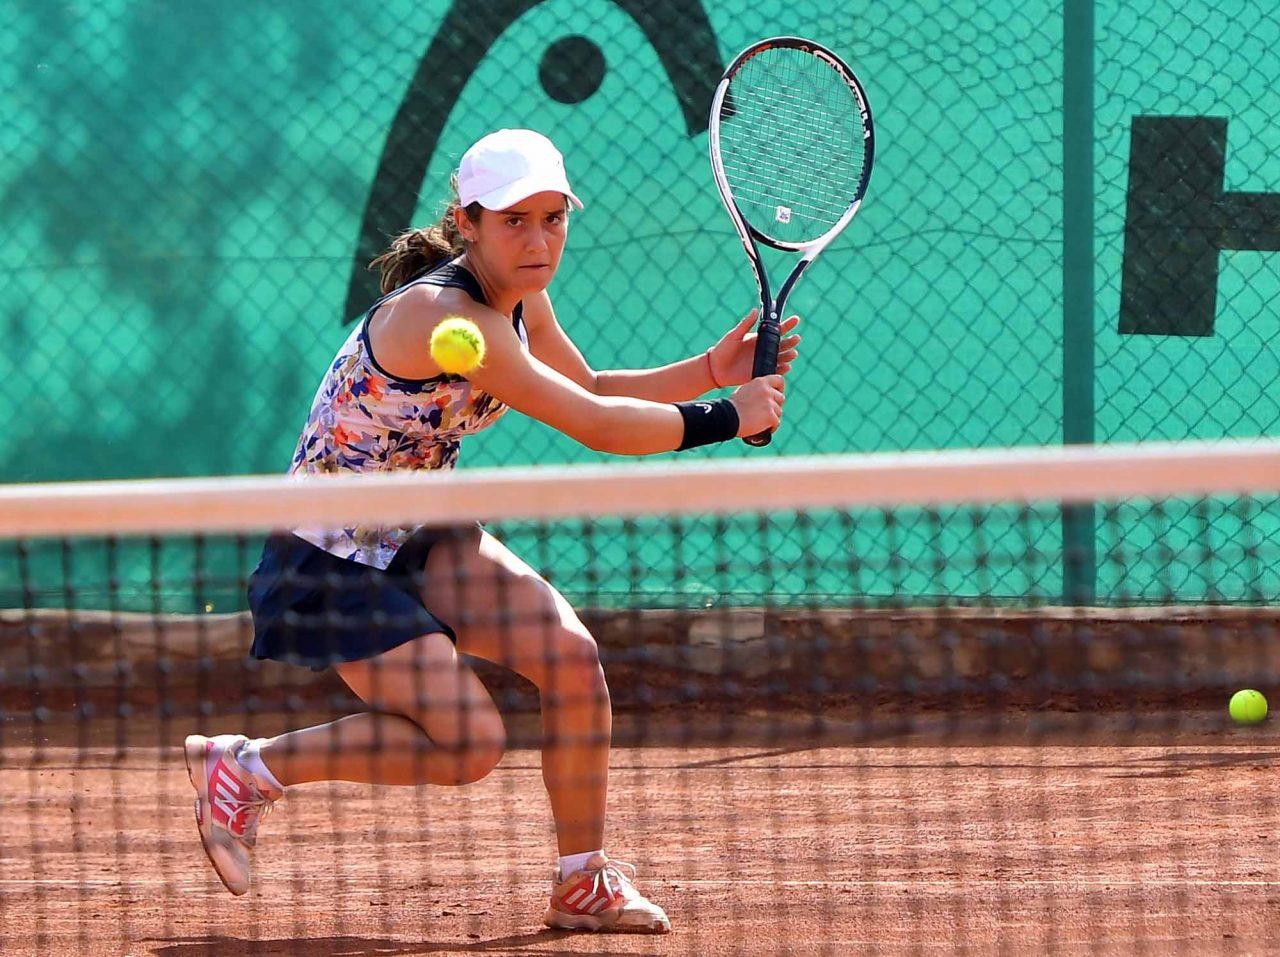 Държавно първенство тенис до 14 год. ТК 15-40 финал (32)